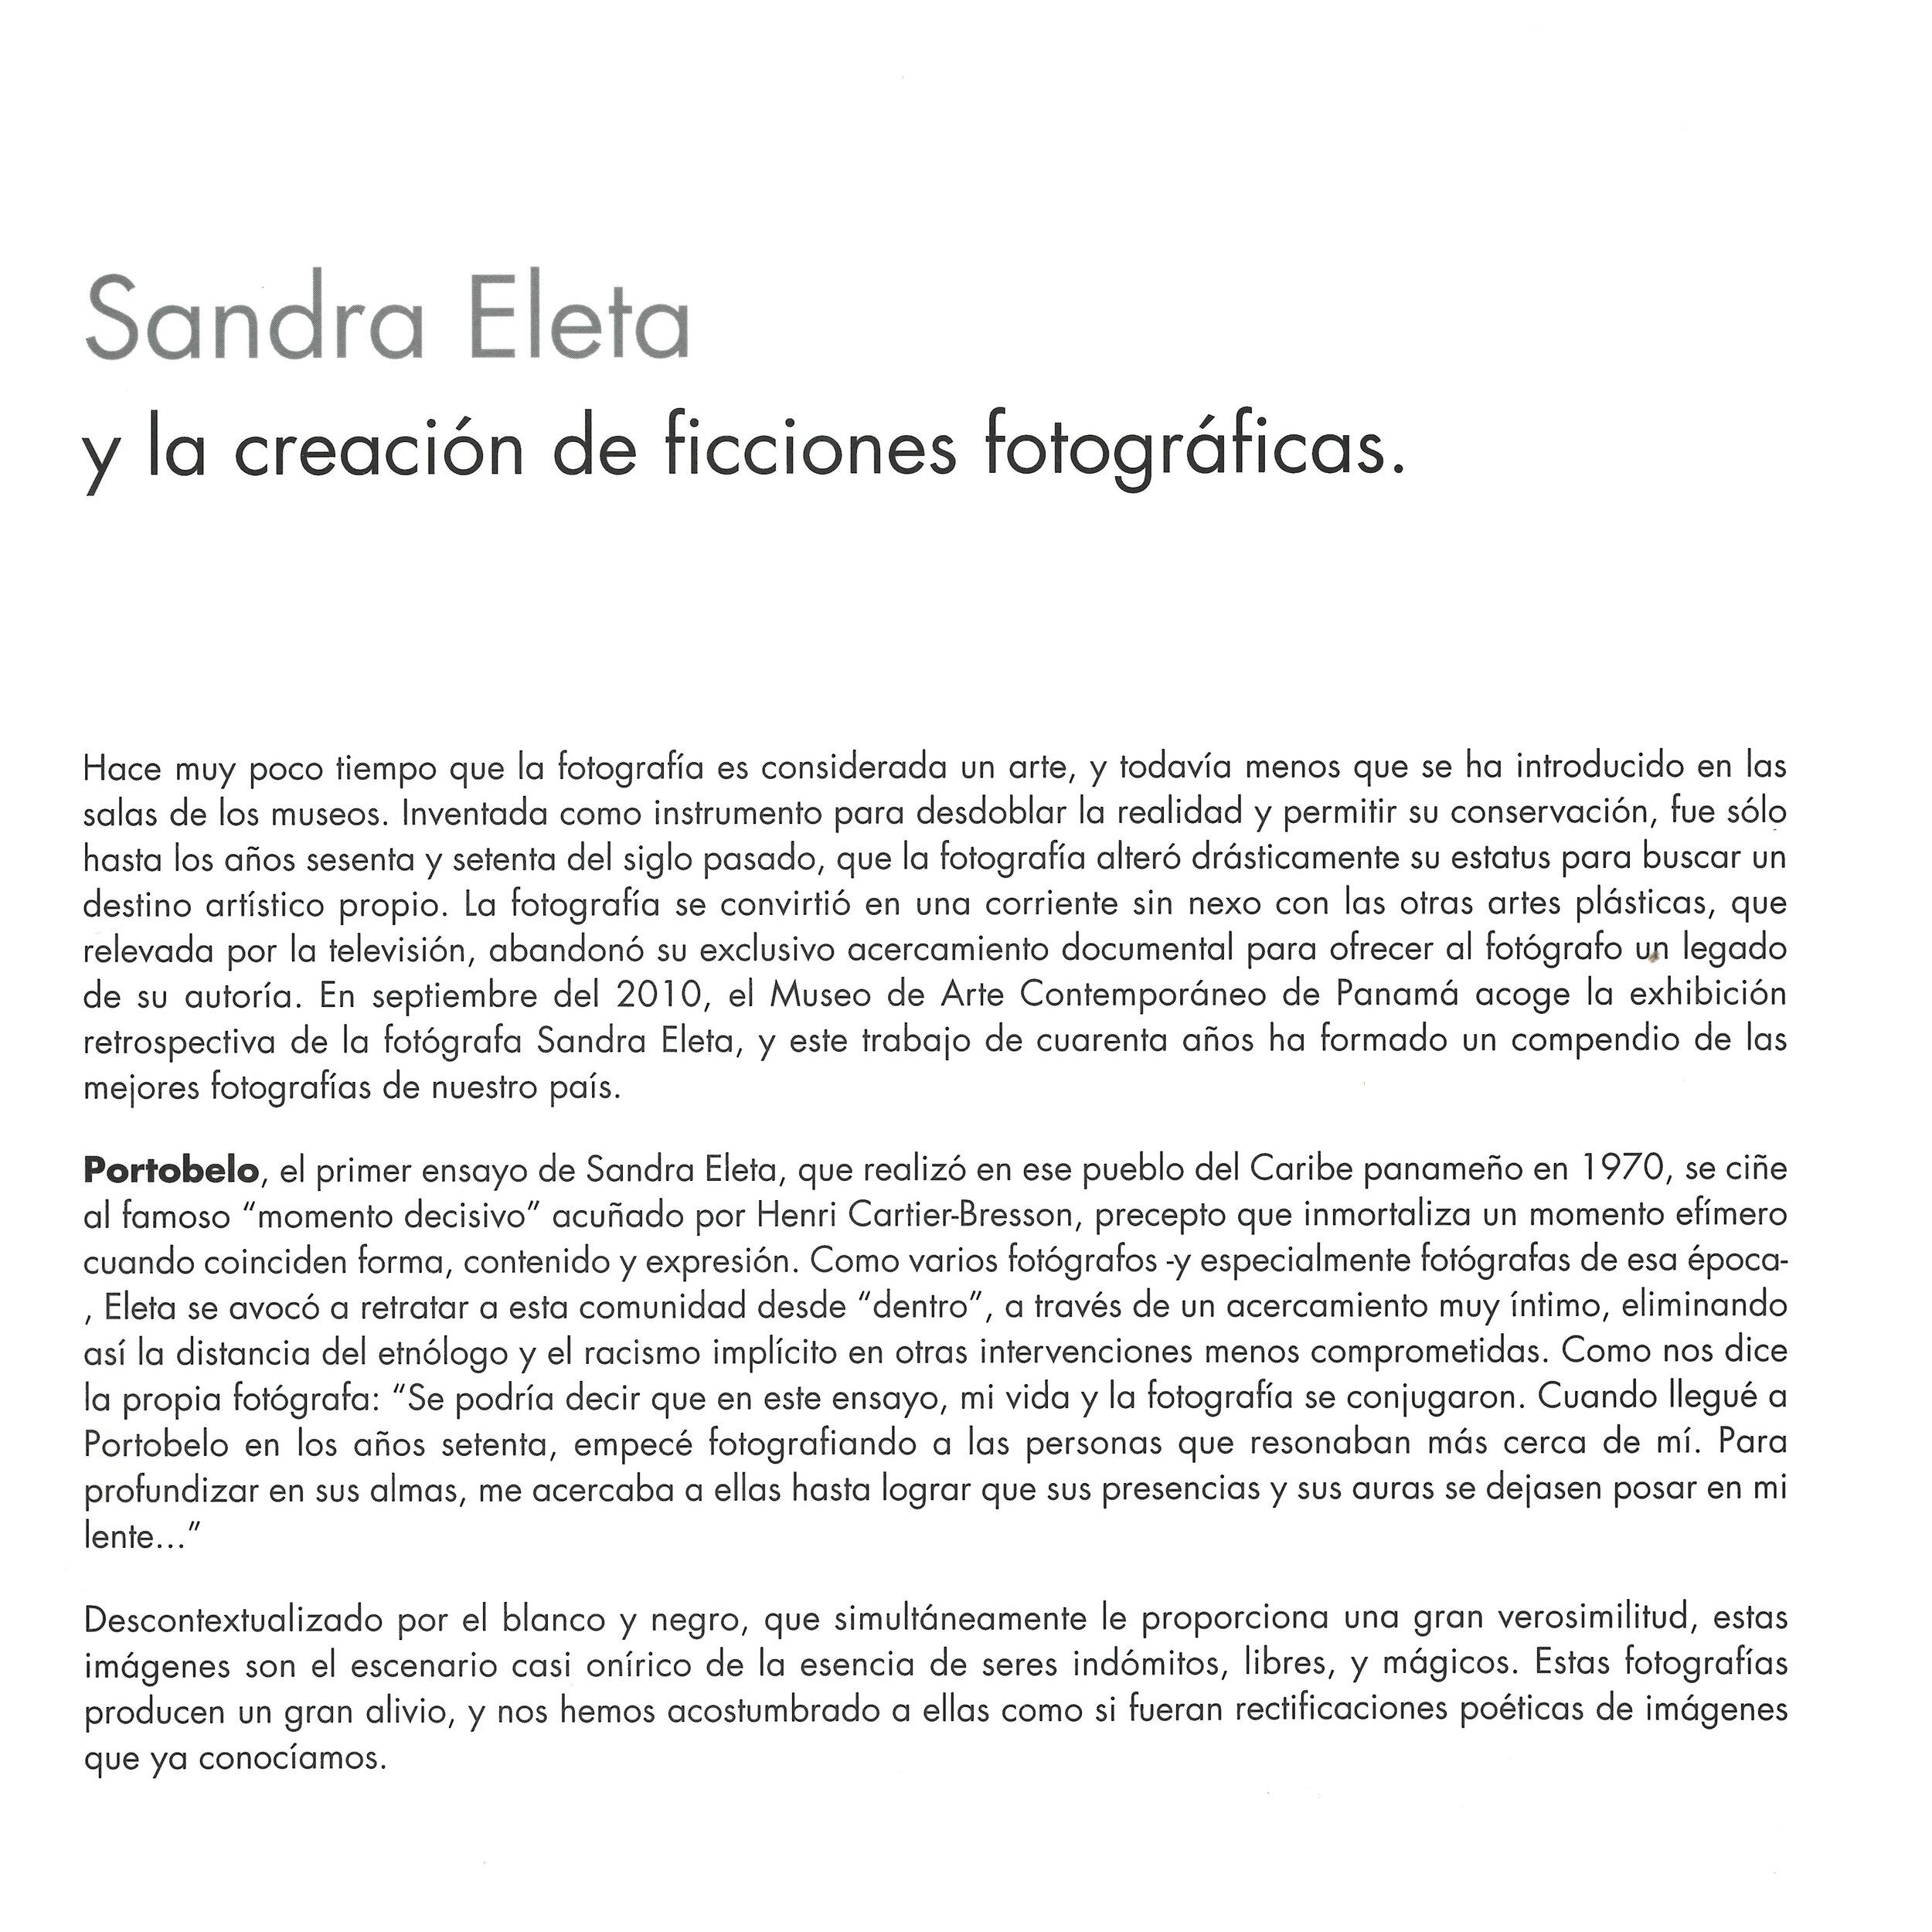 Eleta-Retrospectiva3.jpg